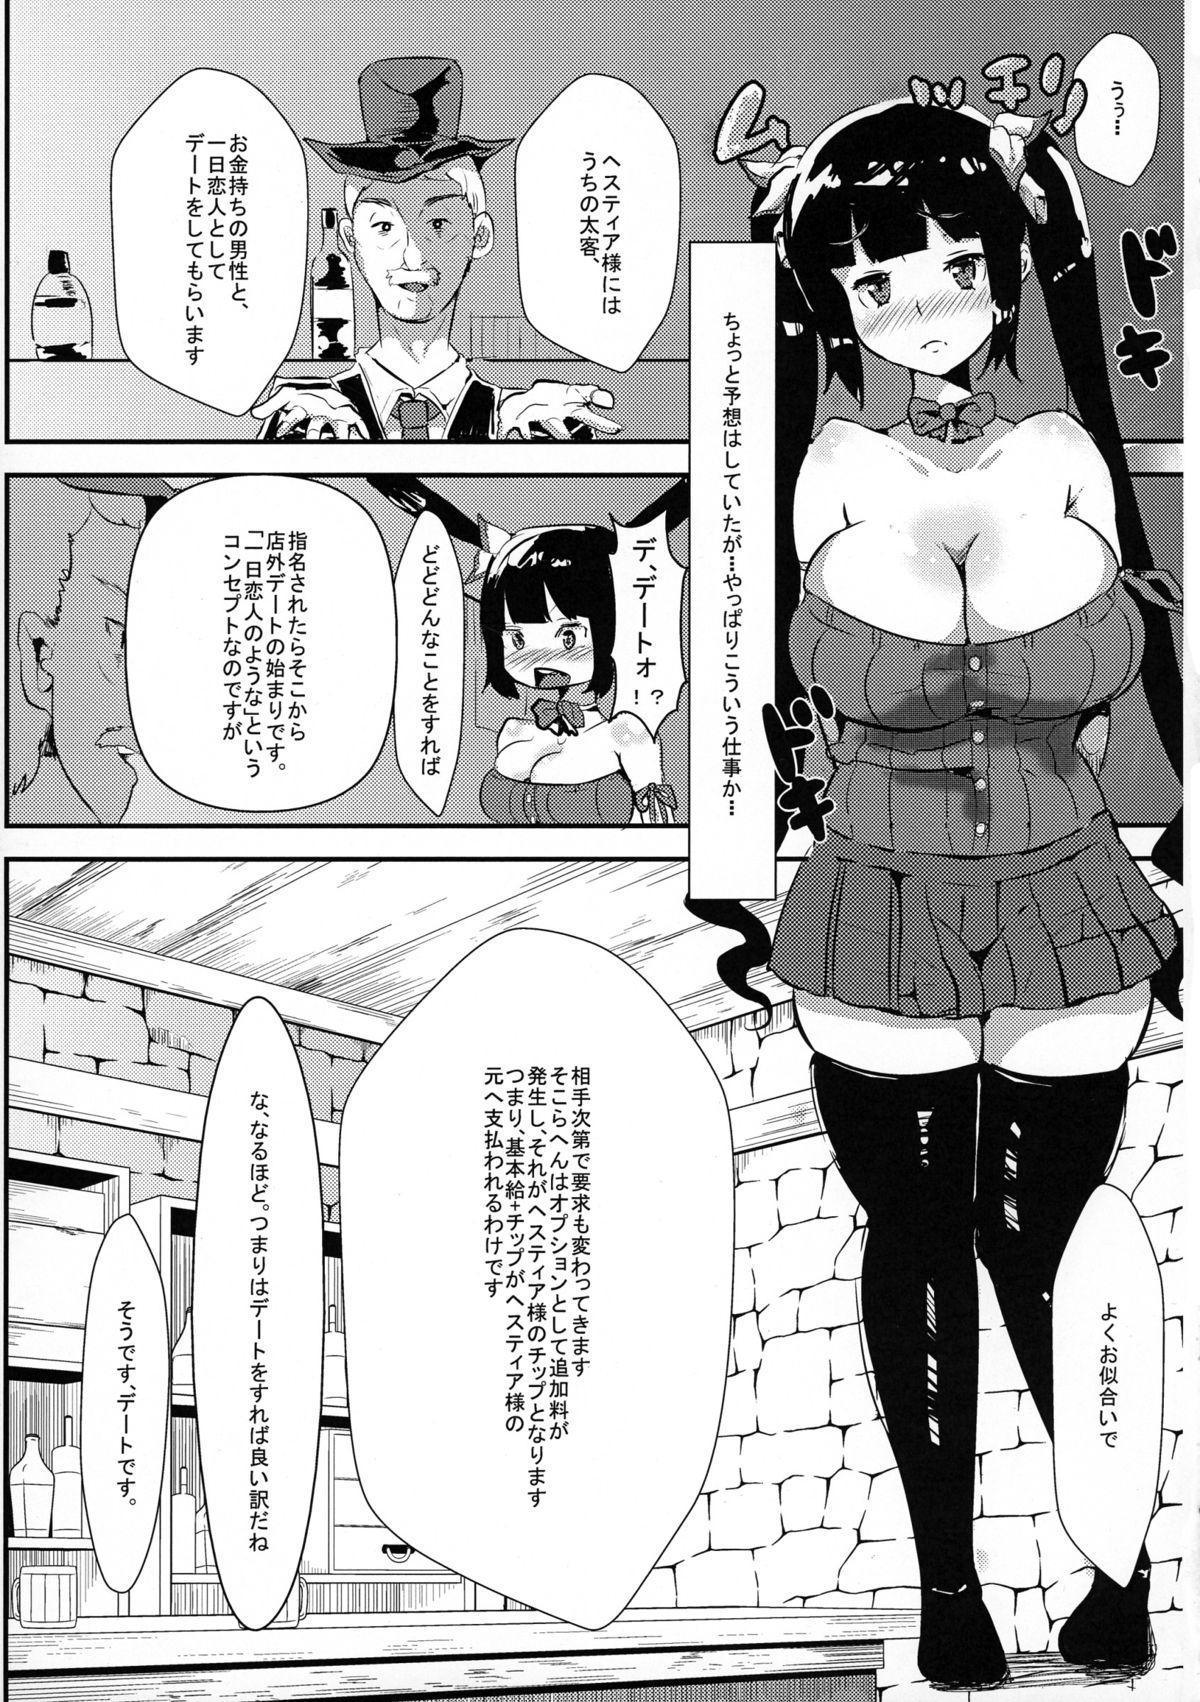 Kamisama ga Seikatsu hi o kasegu Tame ni Ikenai Baito o suru no wa Machigatteiru Darou ka 6